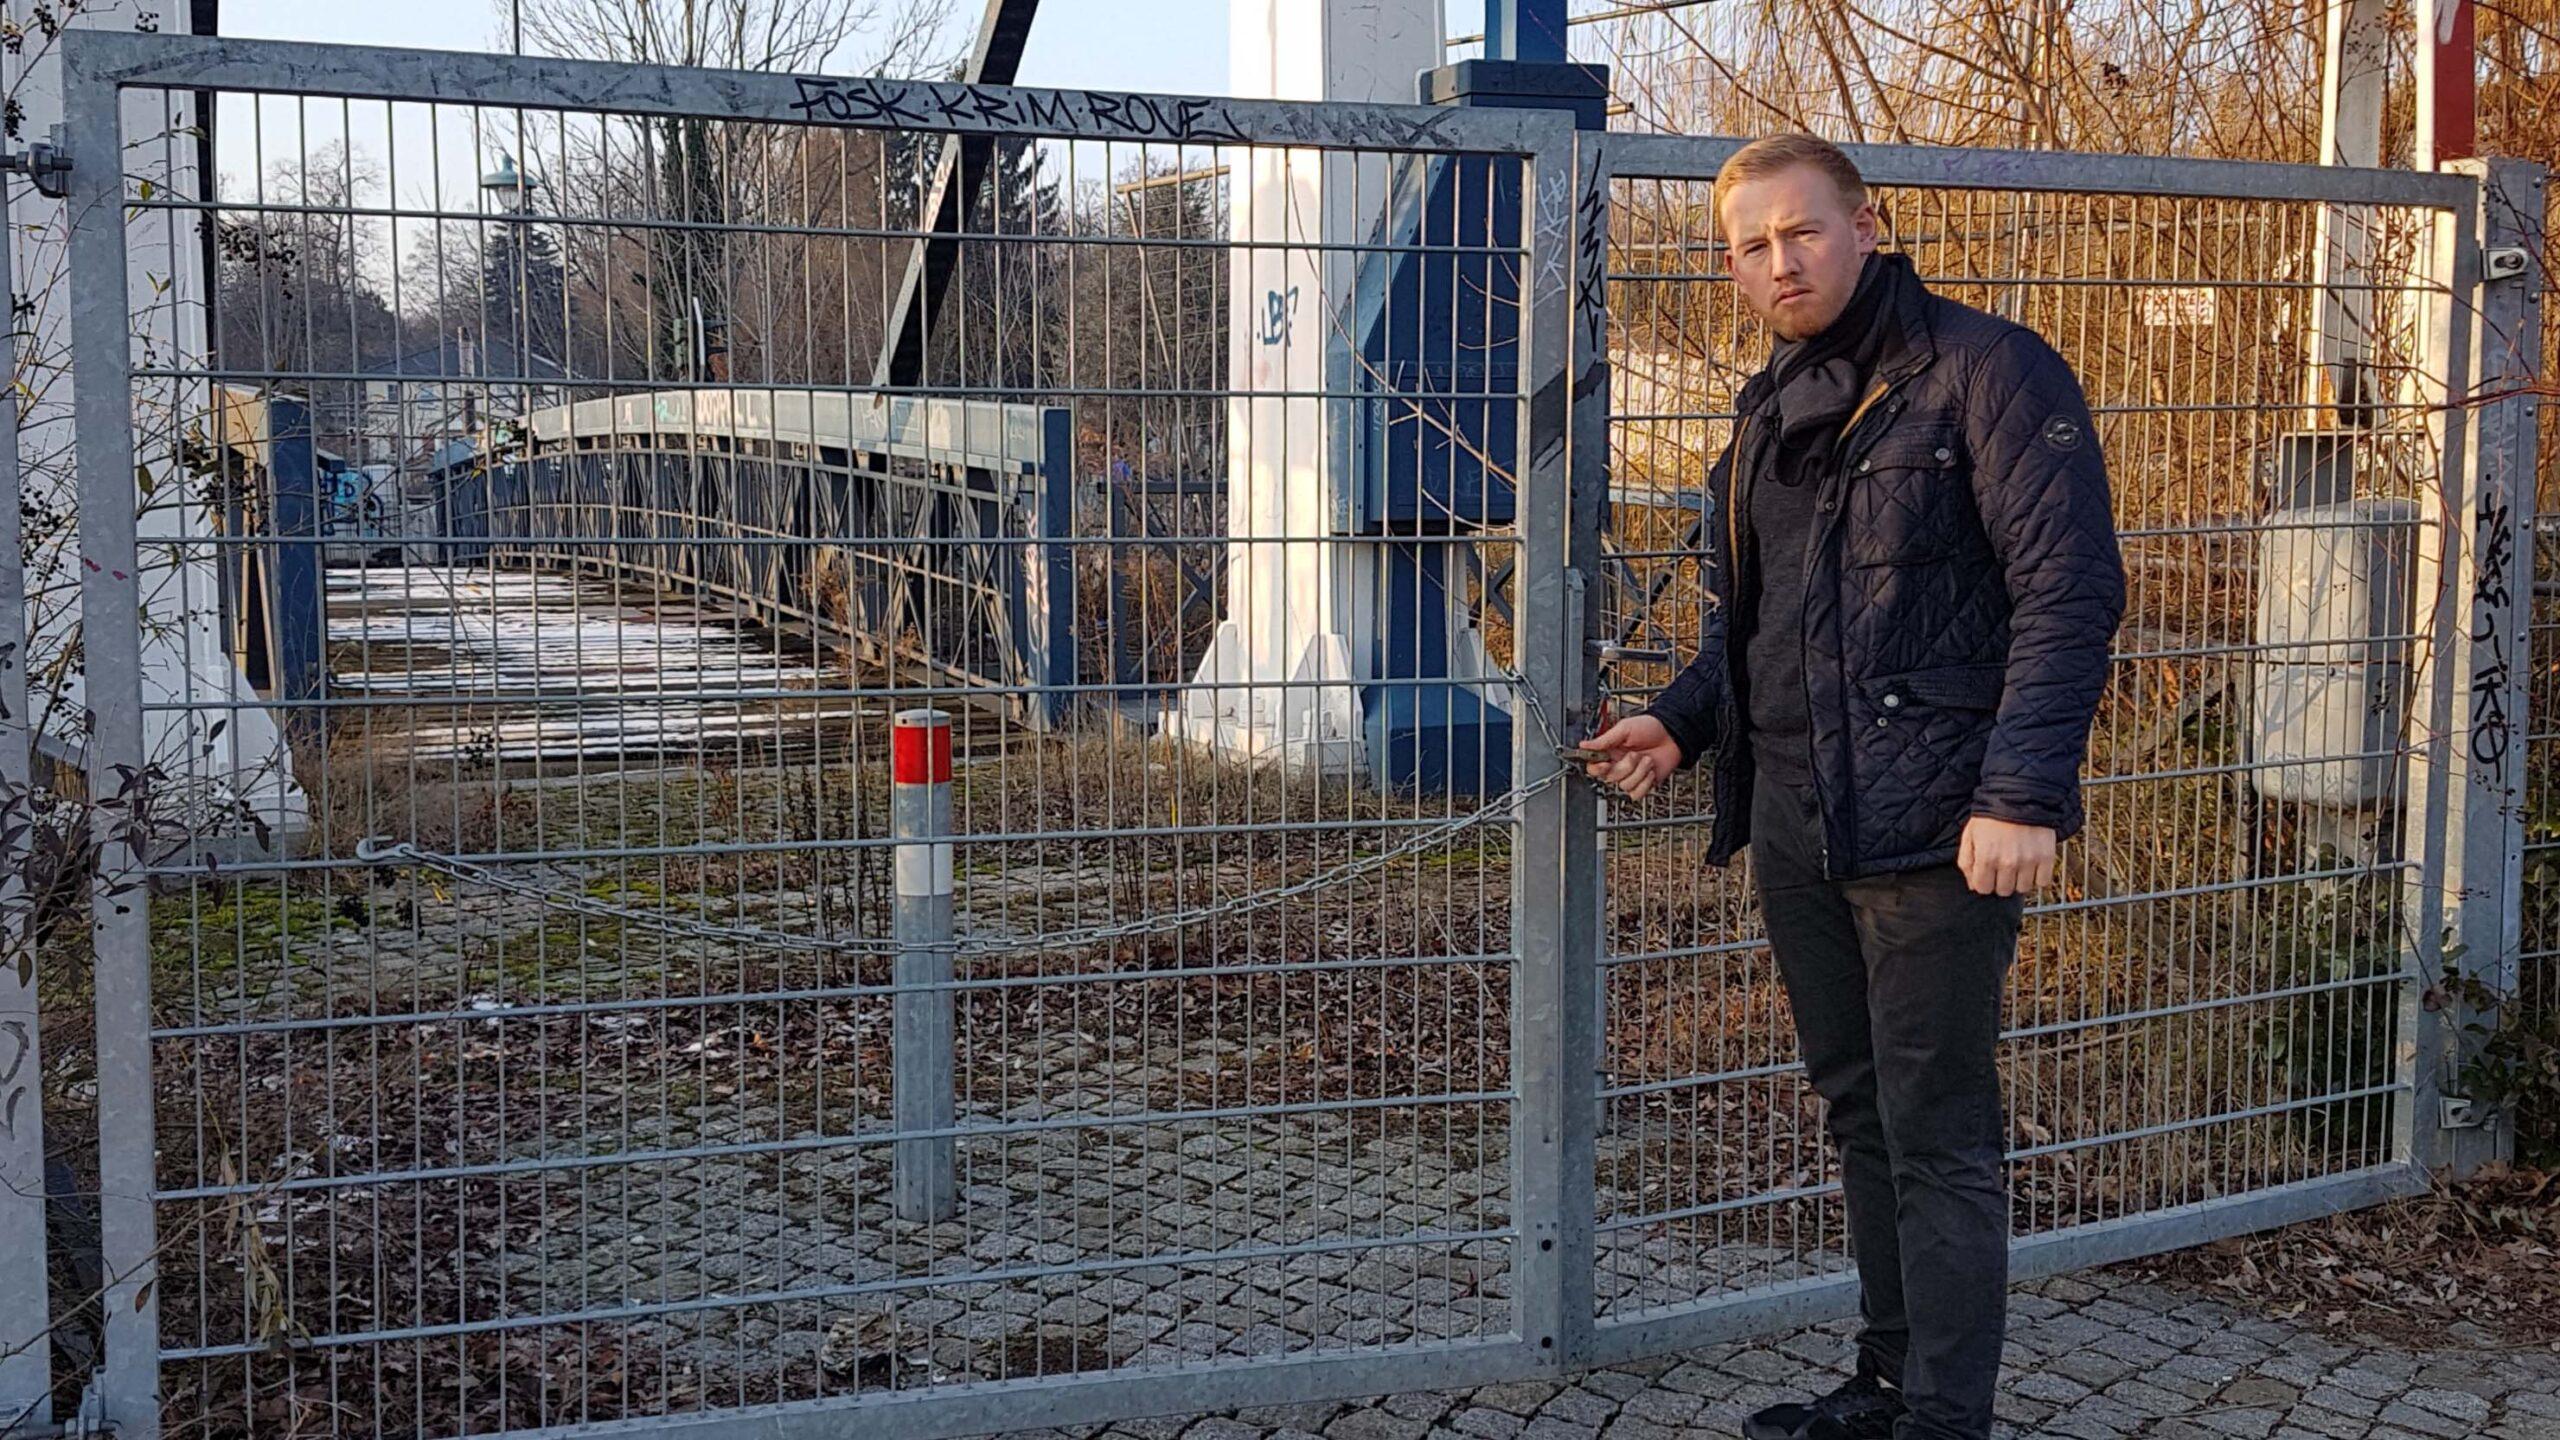 Brücke an Mühle in Tegel bald wieder offen